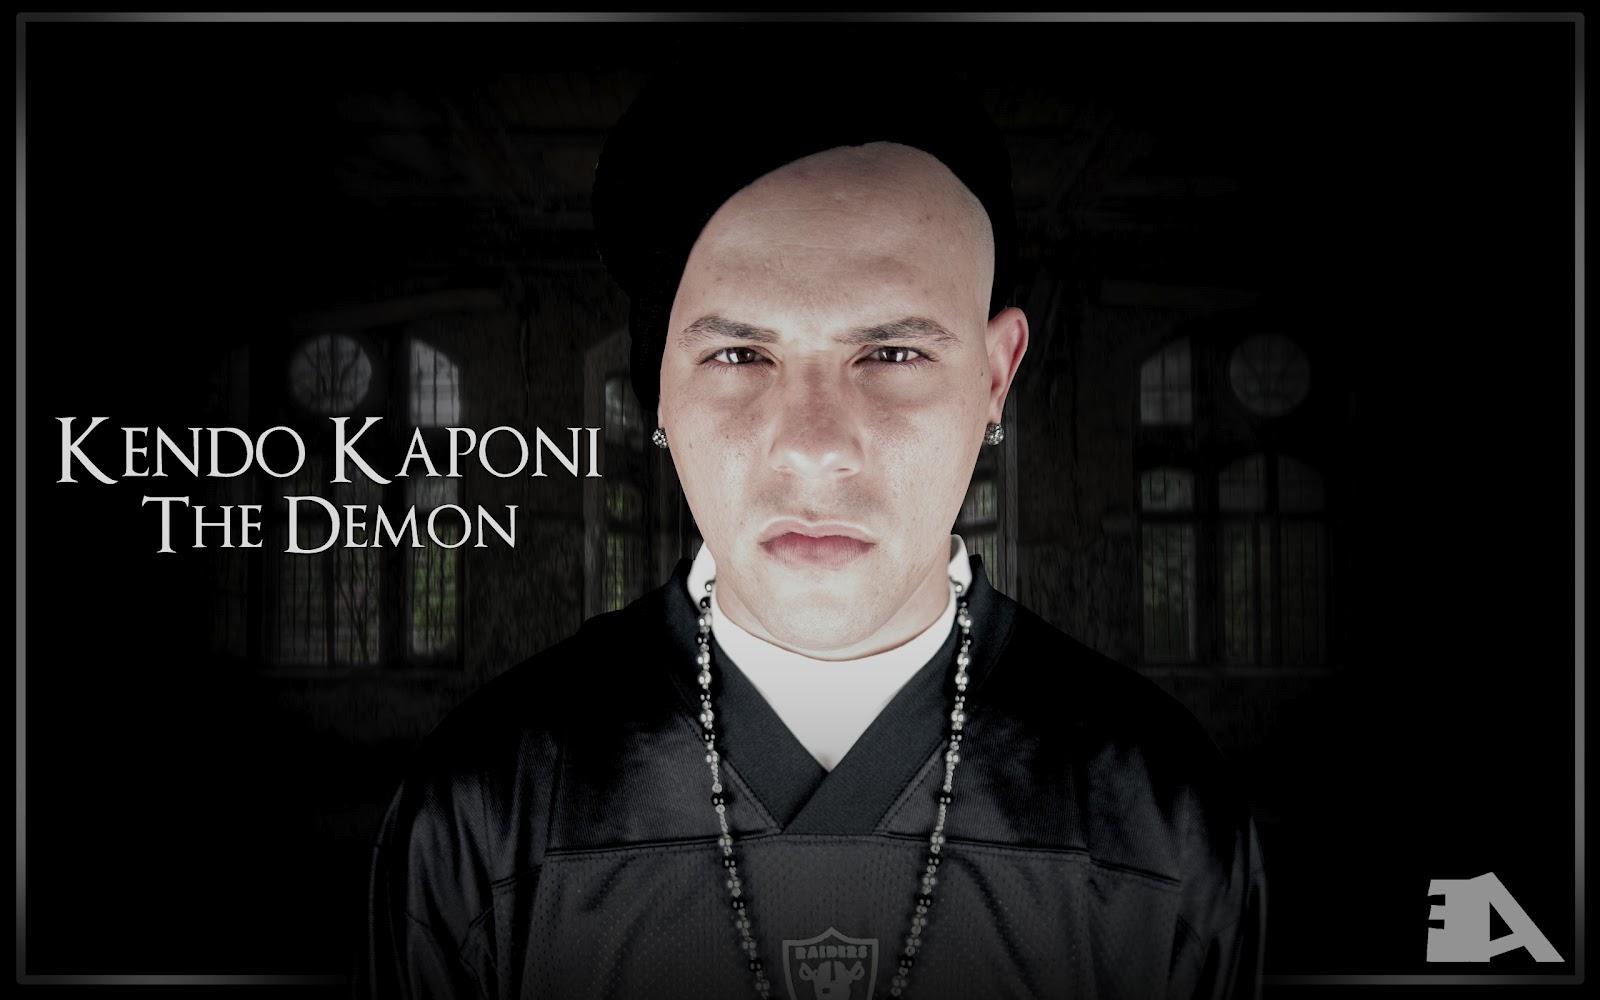 Kendo Kaponi El demoni...